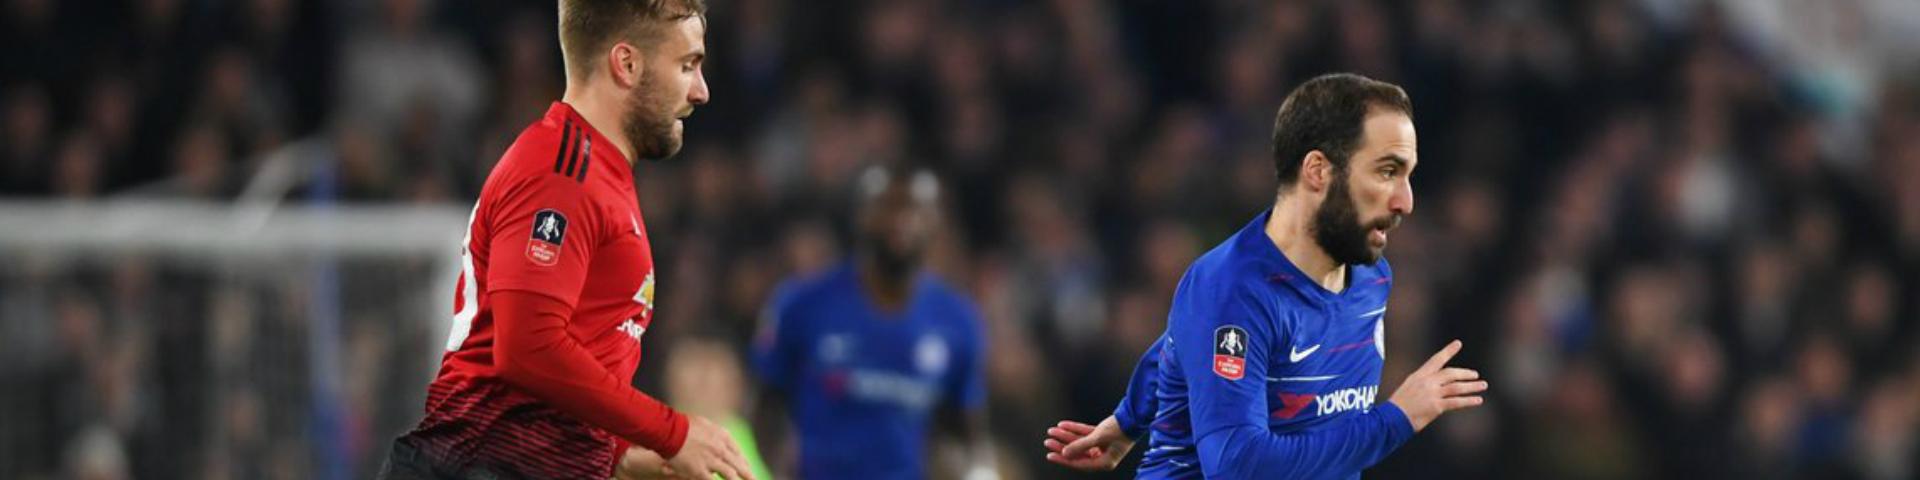 БК «Леон»: в матче «Манчестер Юнайтед» — «Челси» фаворита нет